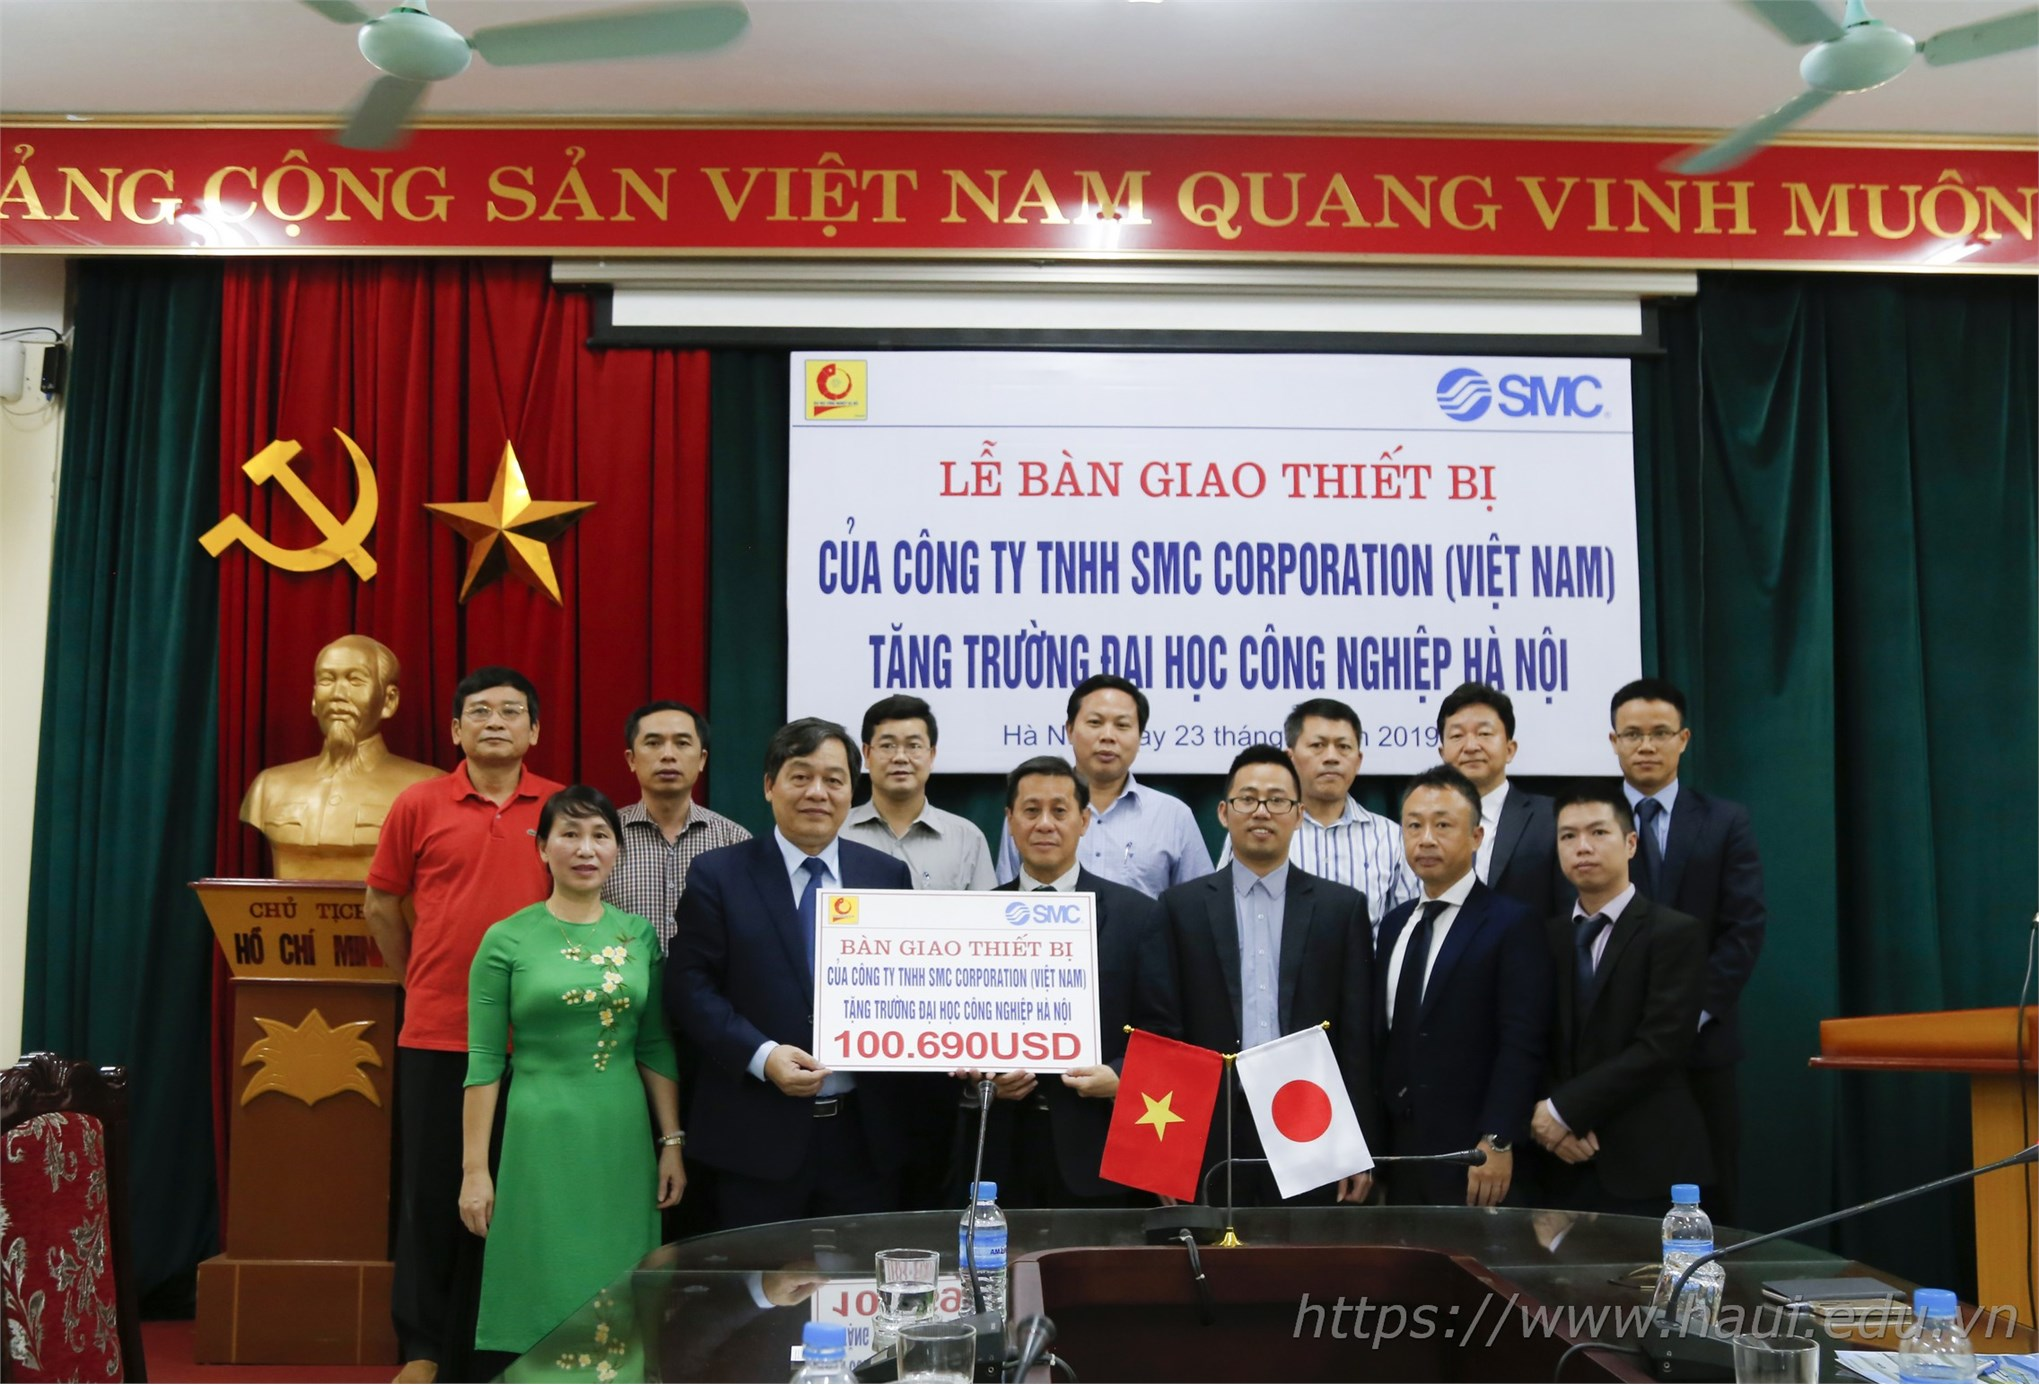 Đại học Công nghiệp Hà Nội đưa vào hoạt động Phòng thí nghiệm kỹ thuật khí nén trị giá 2,3 tỷ đồng